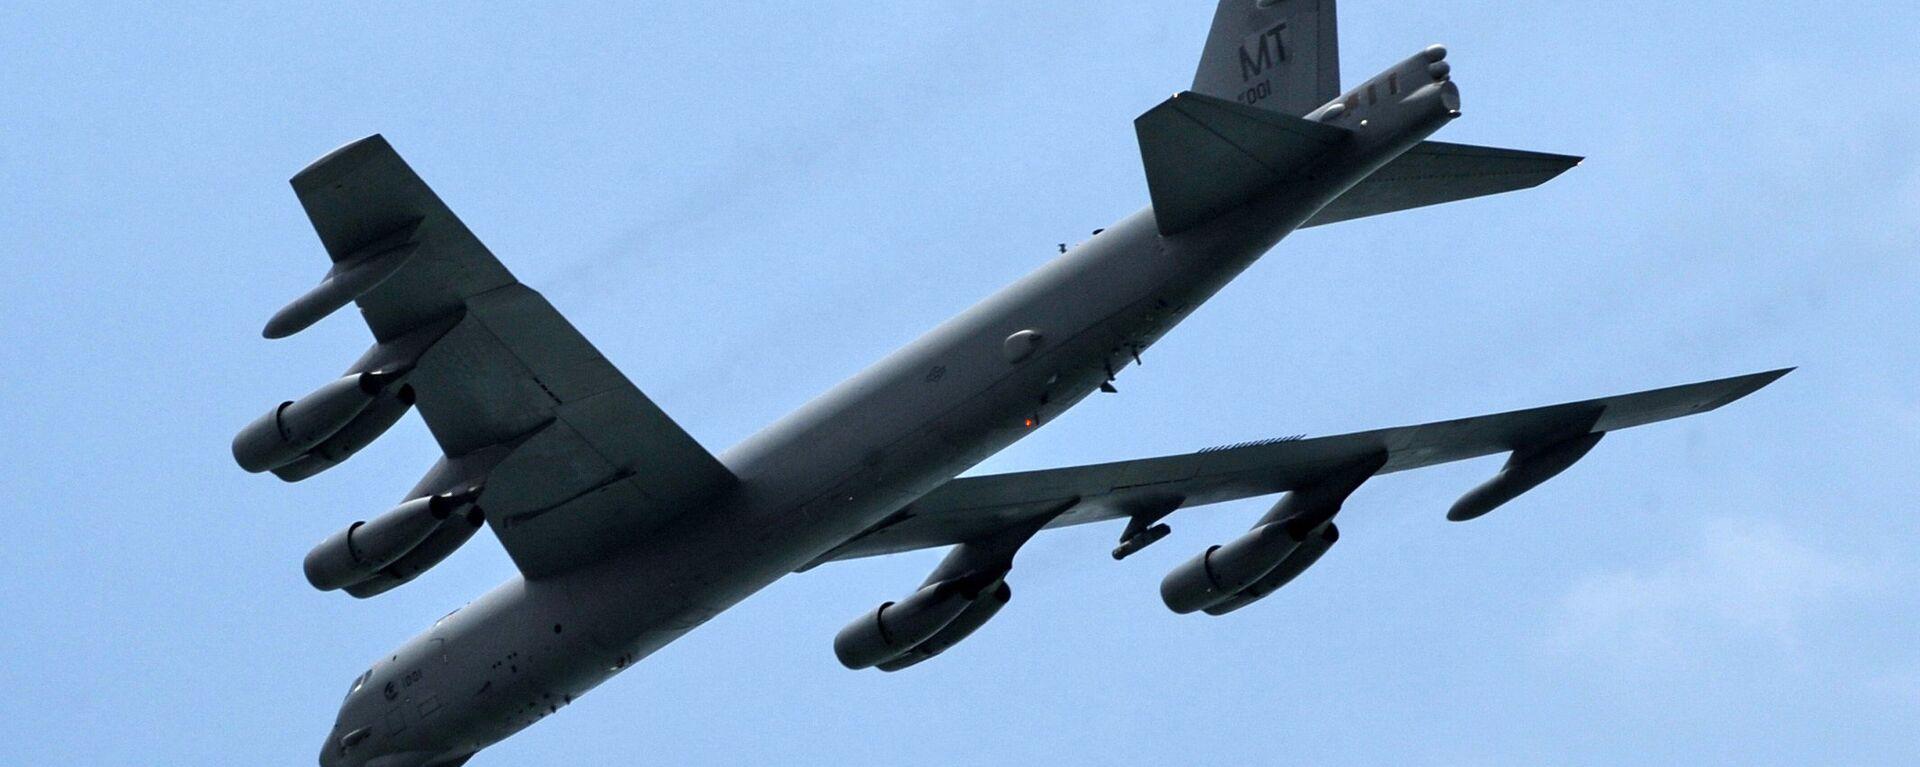 Американский бомбардировщик B-52 - Sputnik Узбекистан, 1920, 03.10.2020